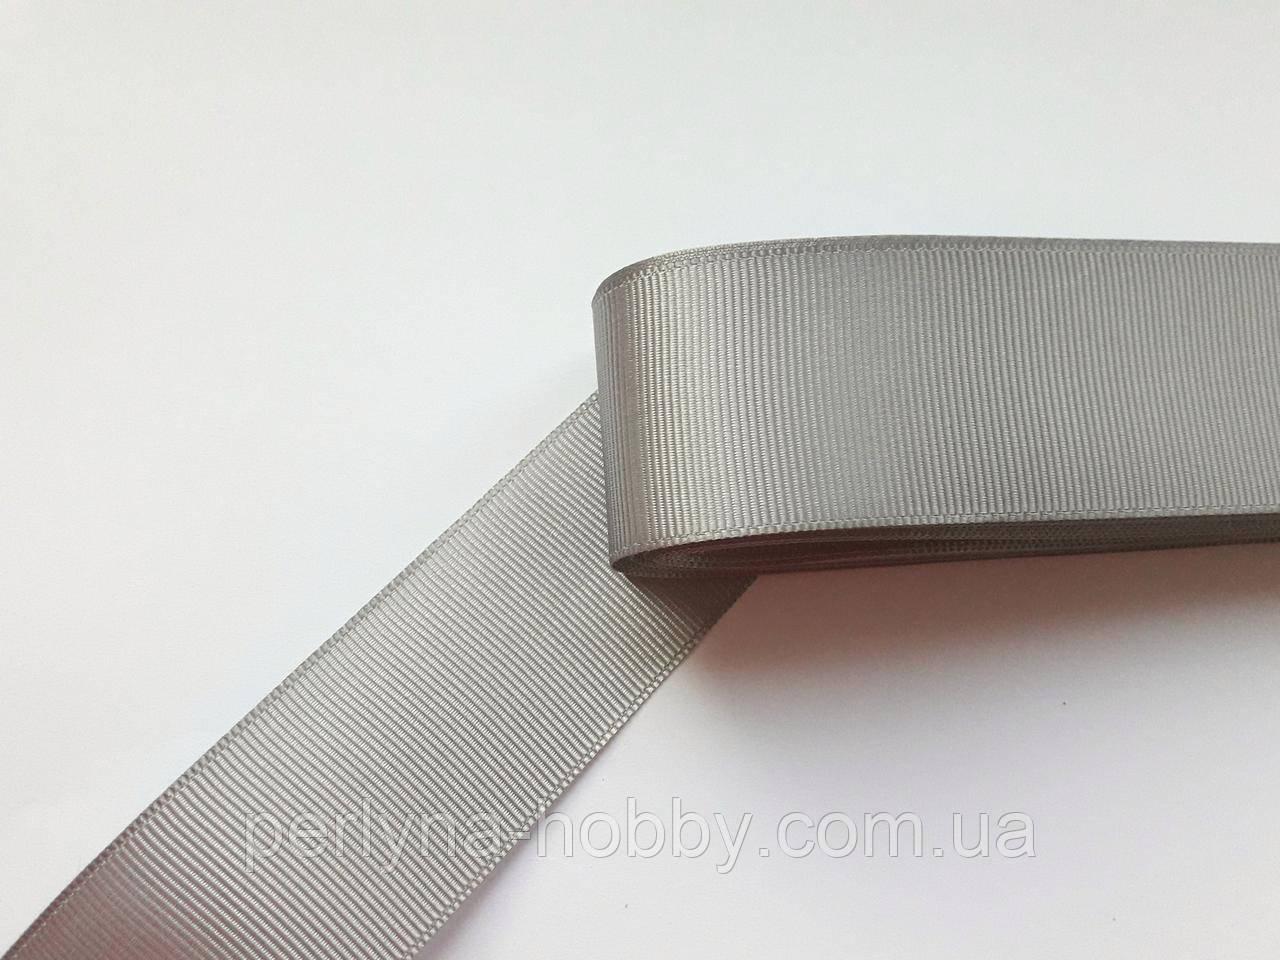 Стрічка репсова 40 мм, сіра №44. Туреччина